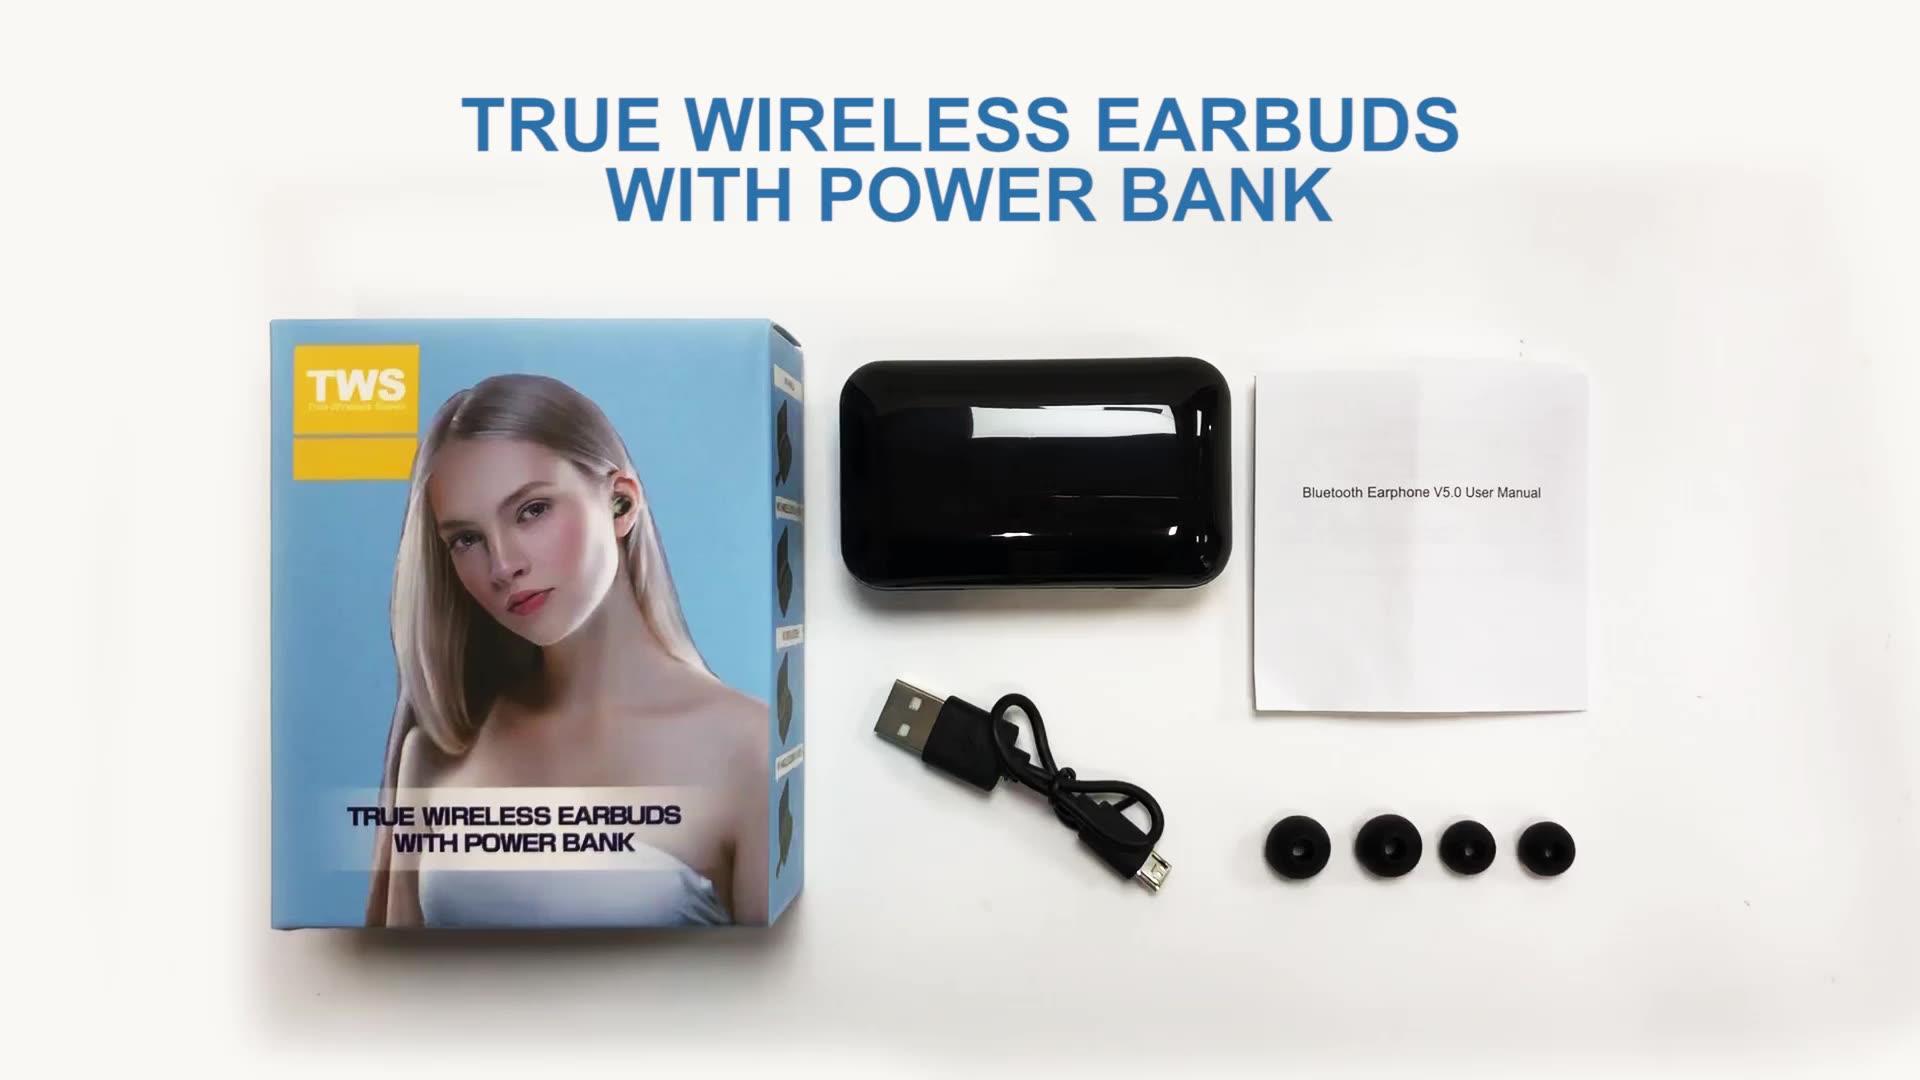 Toptan kulak kanca tarzı gerçek kablosuz bluetooth kulaklık, kablosuz bluetooth kulaklık, kablosuz bluetooth kulaklık